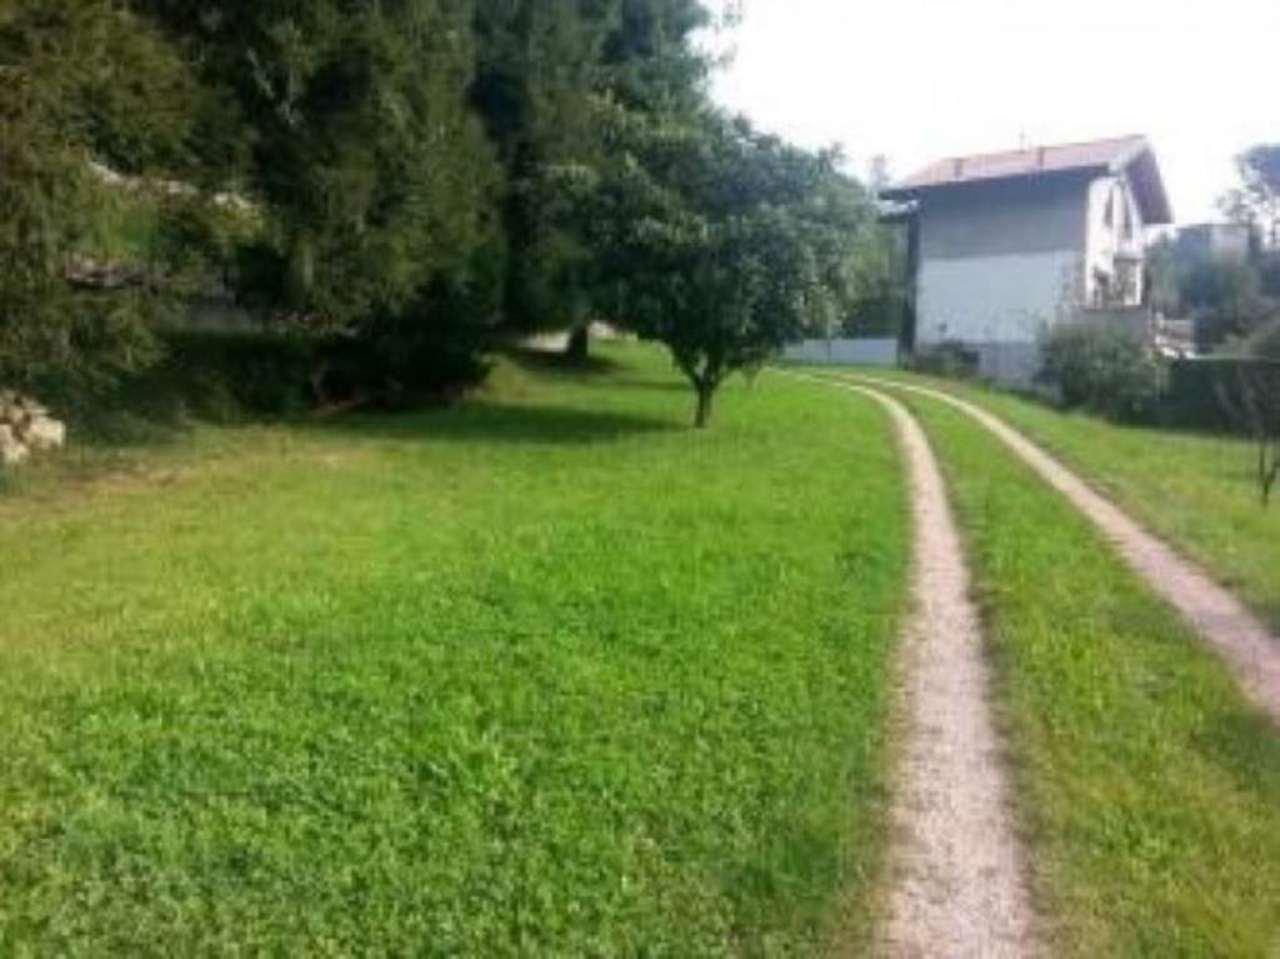 Terreno Edificabile Residenziale in vendita a Induno Olona, 9999 locali, prezzo € 120.000 | CambioCasa.it